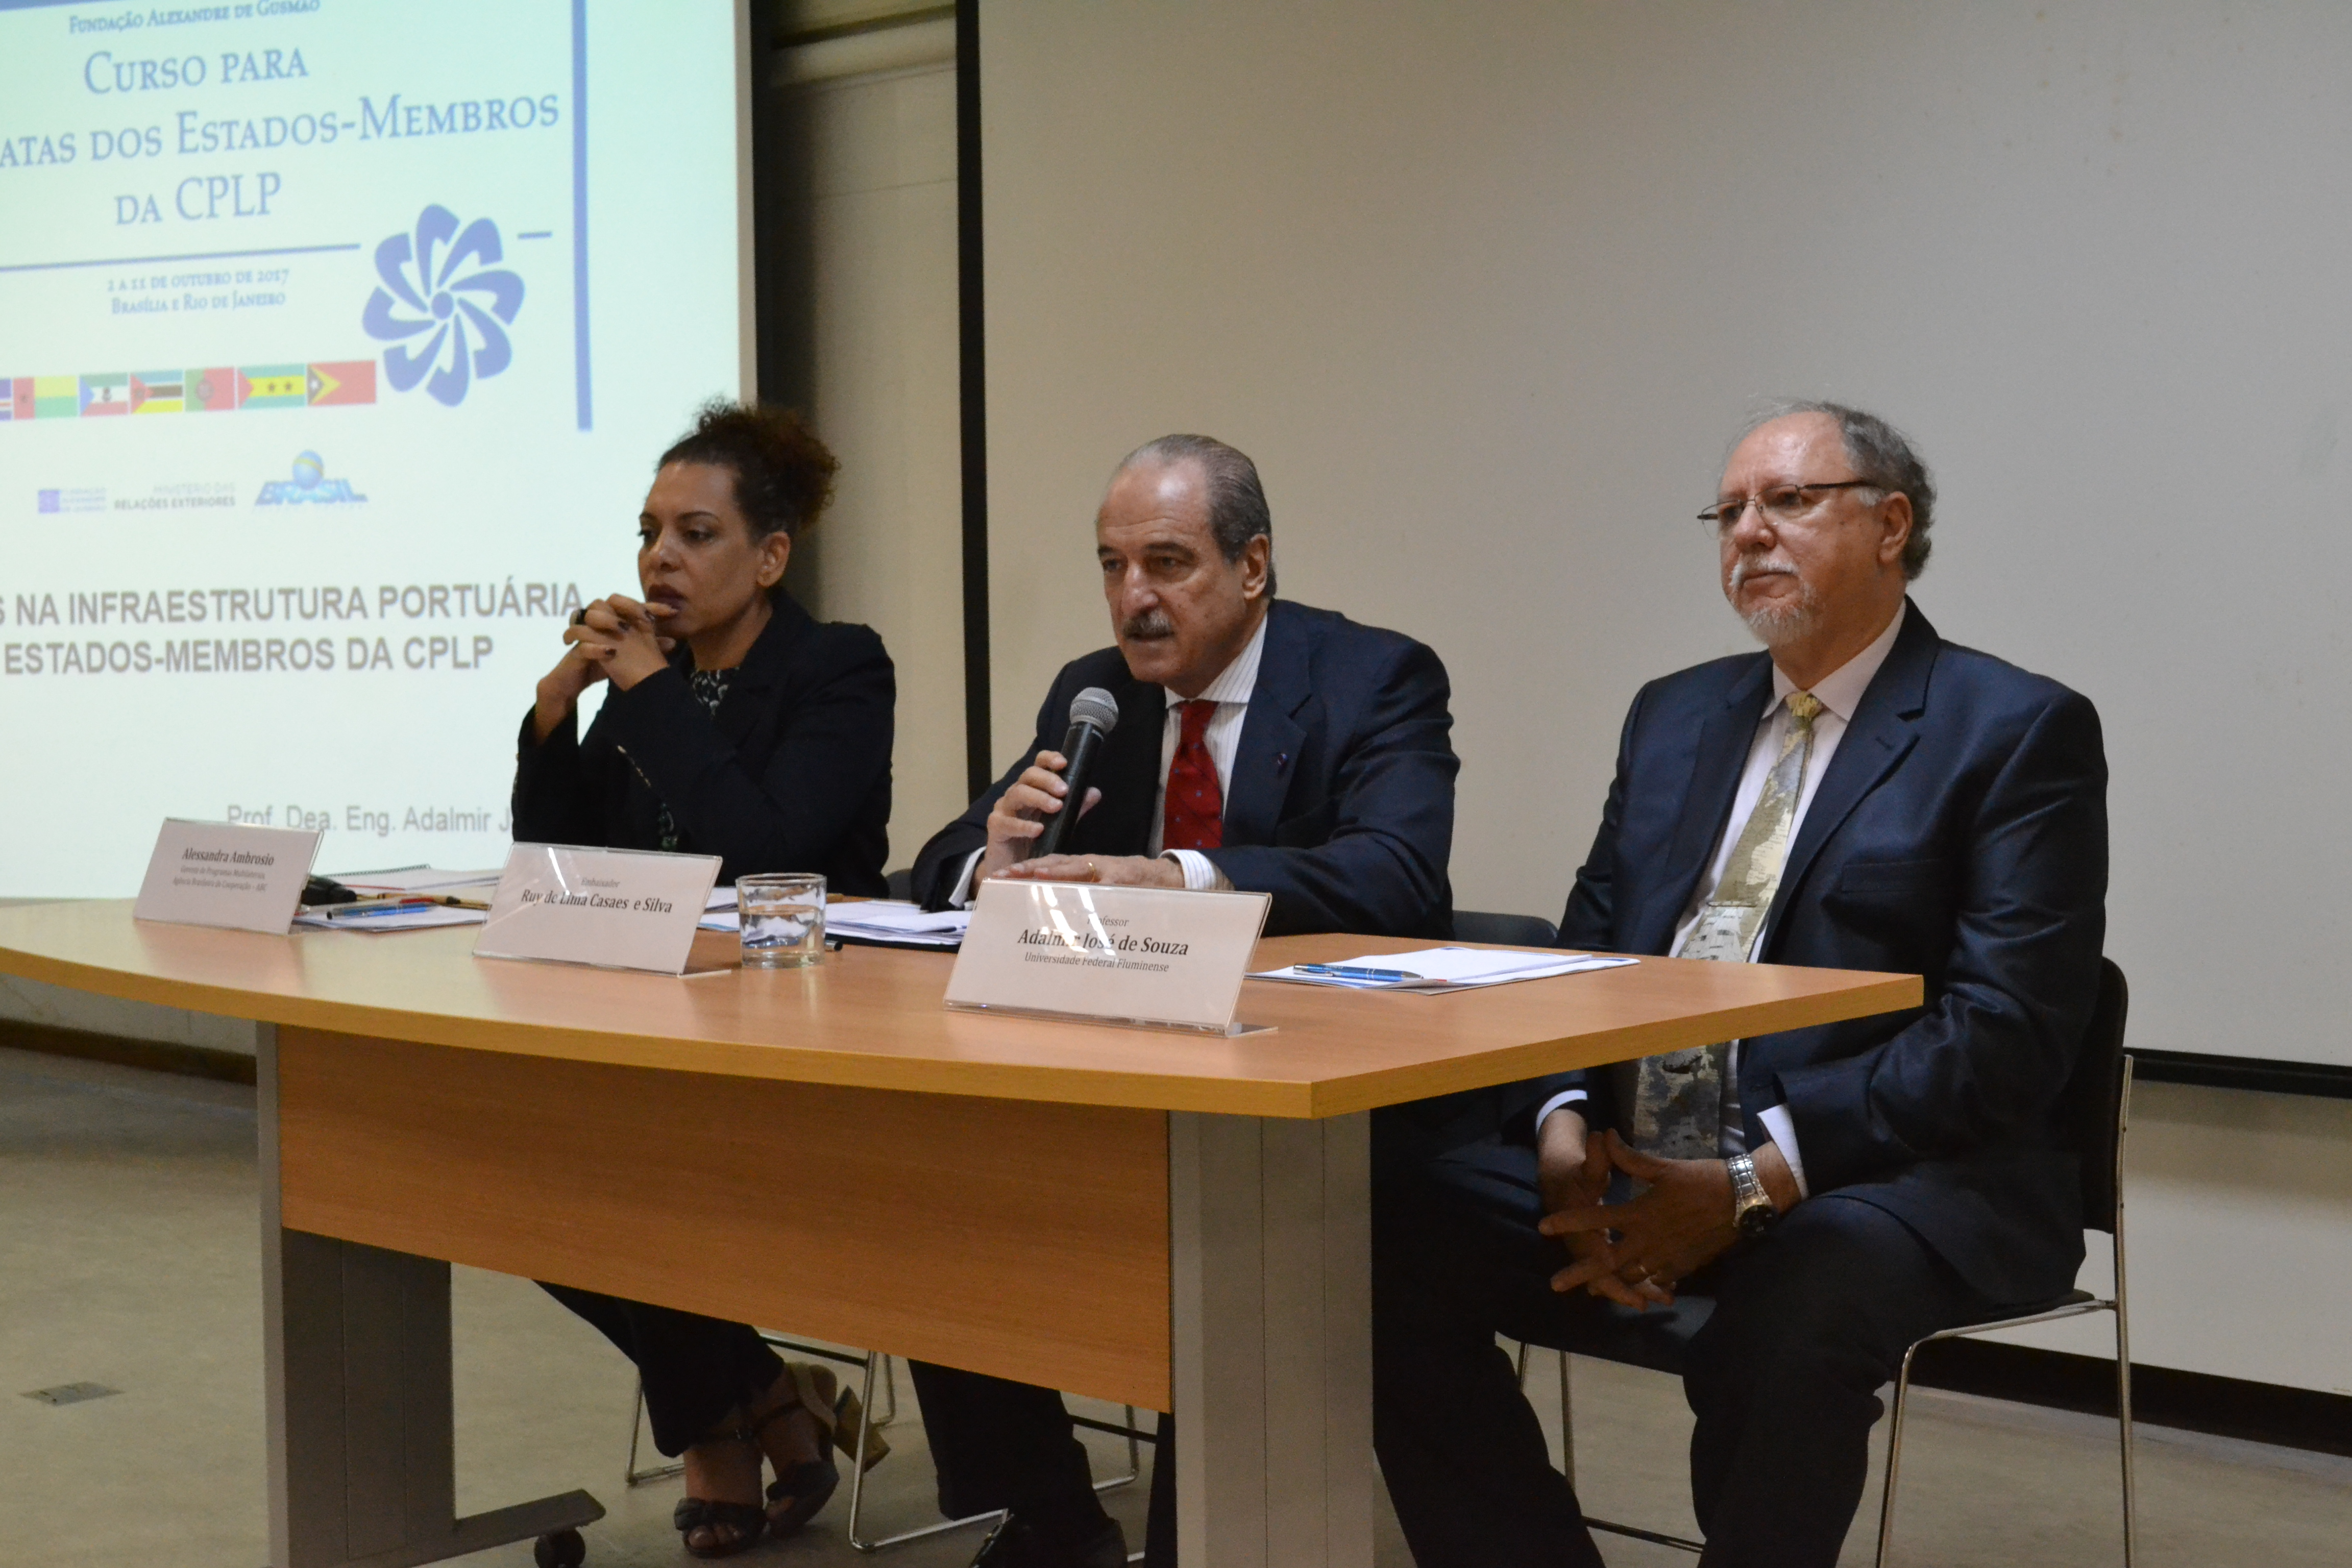 ESG realiza VII Curso para Diplomatas Africanos